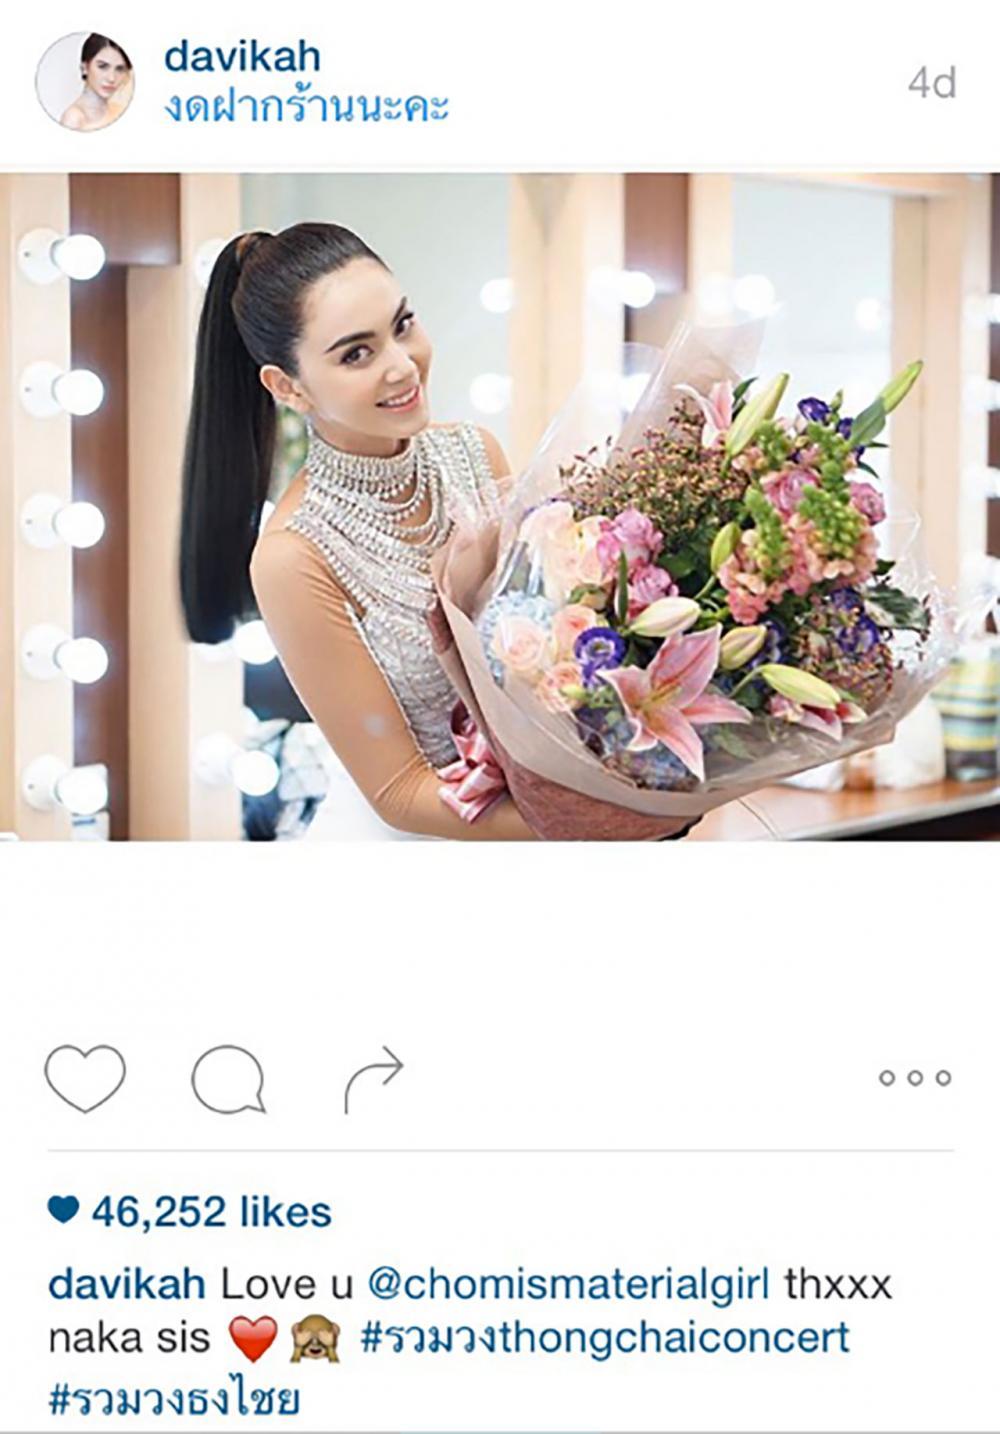 ใหม่ ดาวิกา รีบลงรูปที่ชมพู่ส่งดอกไม้ให้